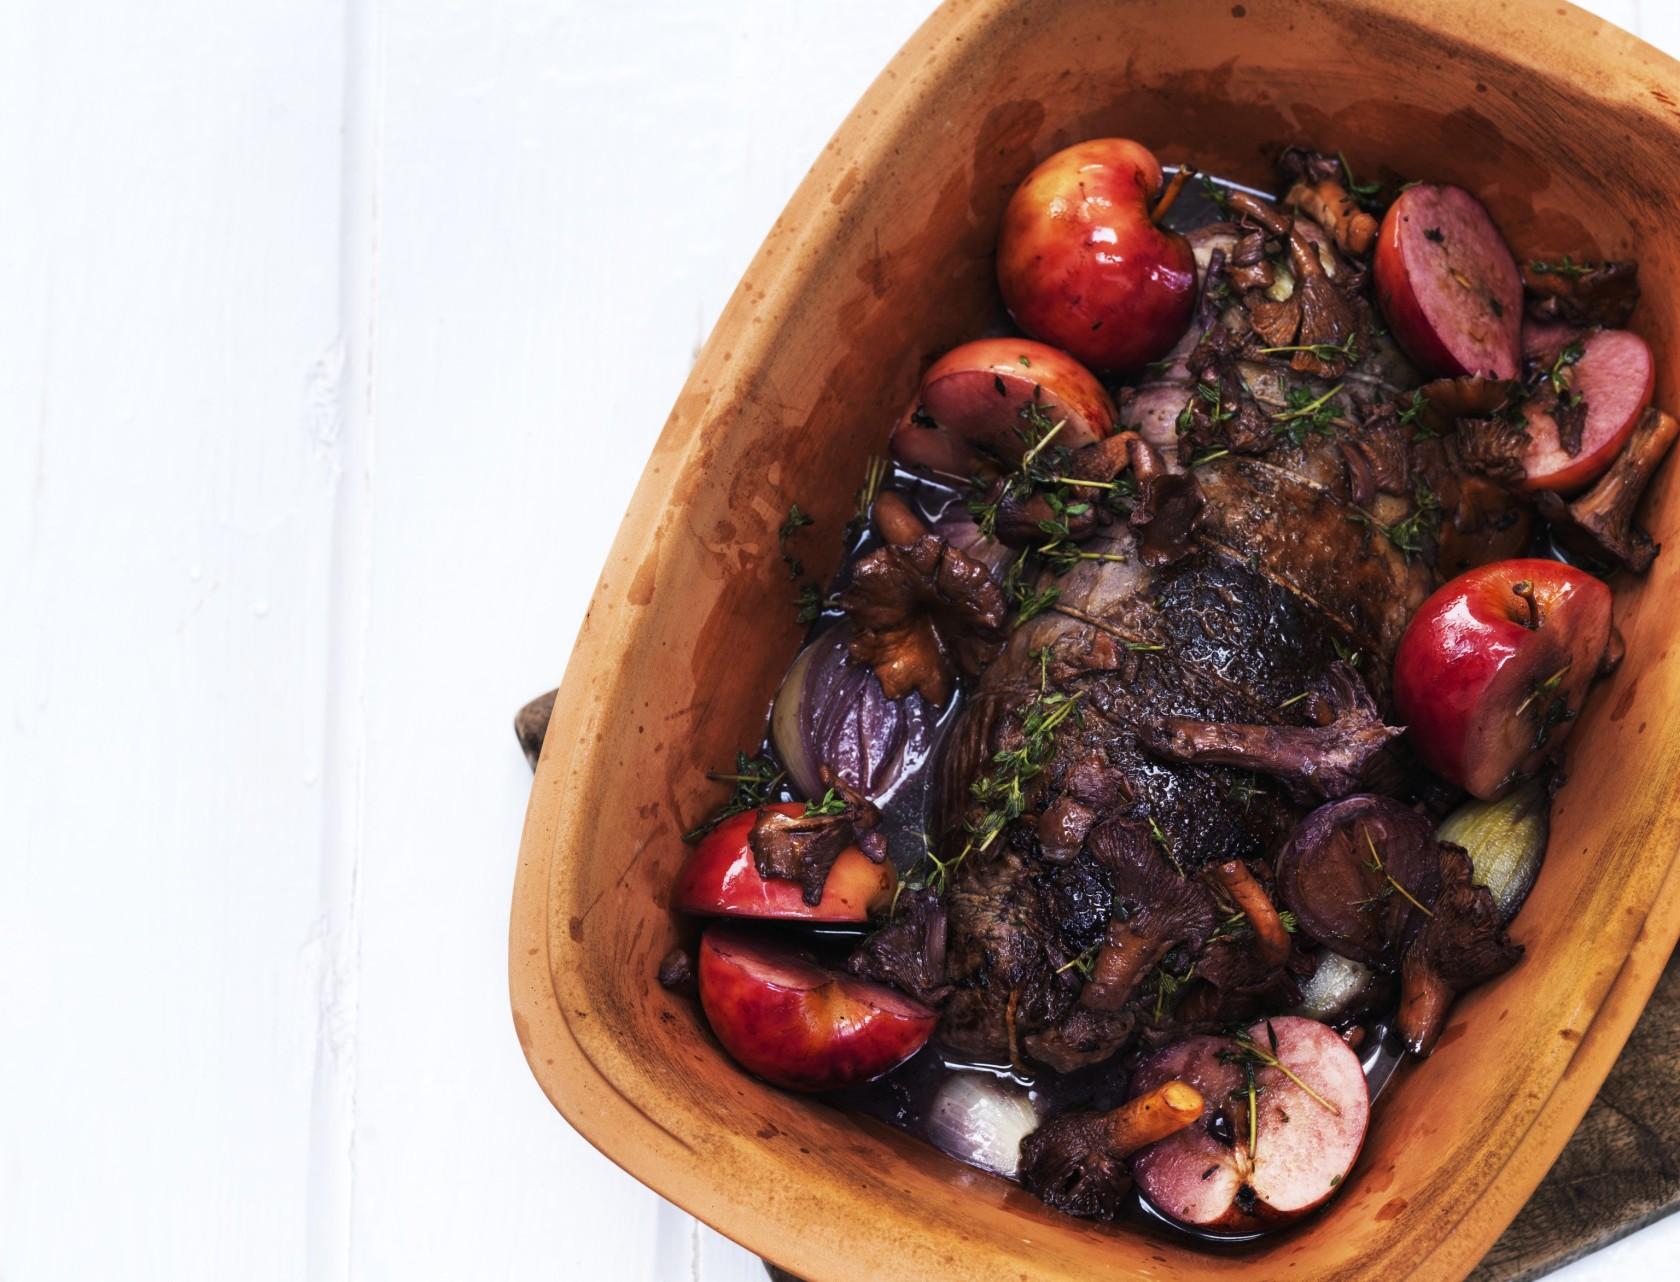 Oksetyksteg i stegeso med æbler, svampe og grov kartoffelmos - nem opskrift i ovn.